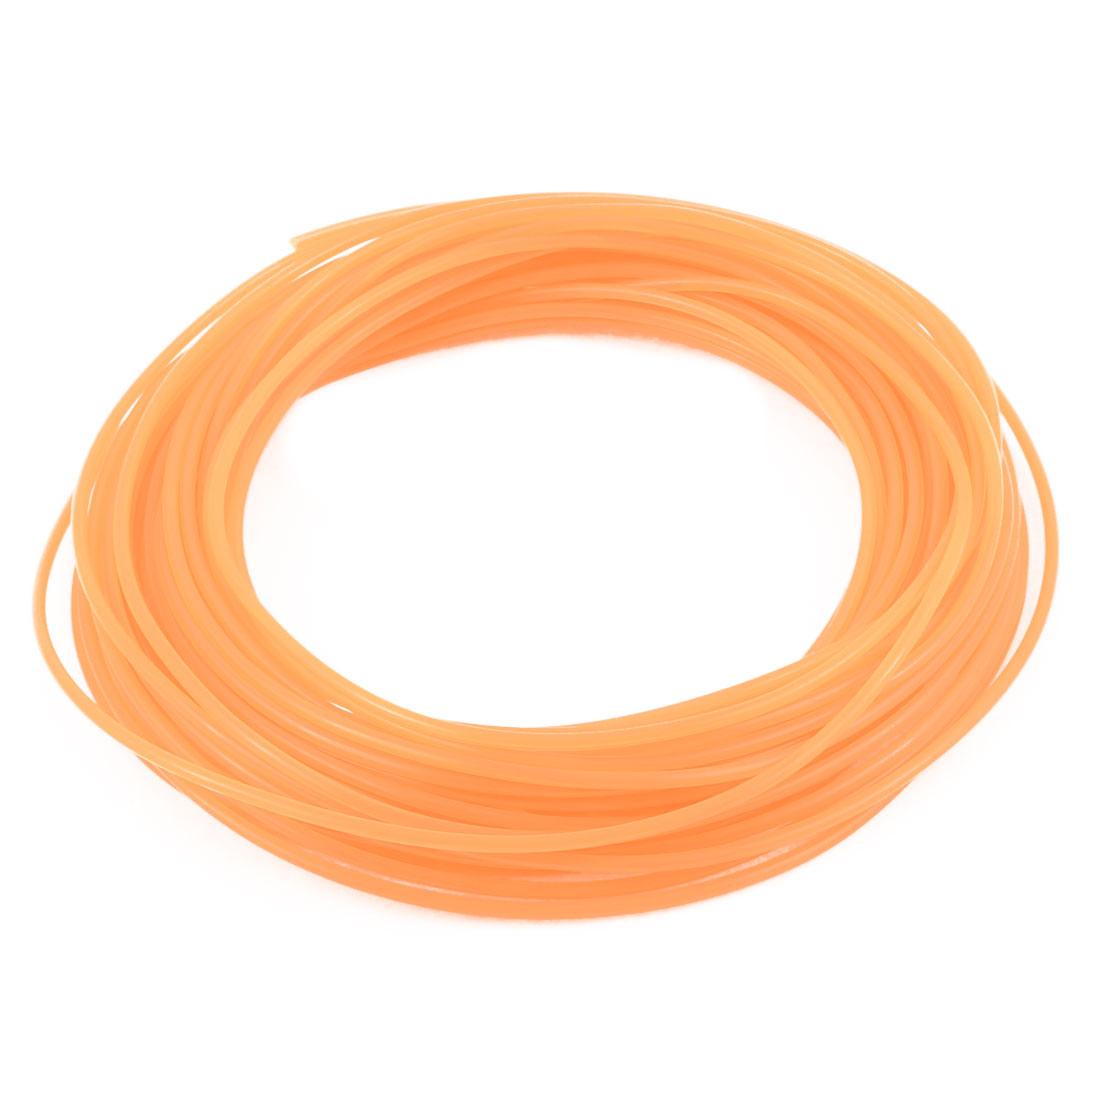 10m 3D Printer Pen Painting Filament Refills PLA Printing Material Fluo Orange